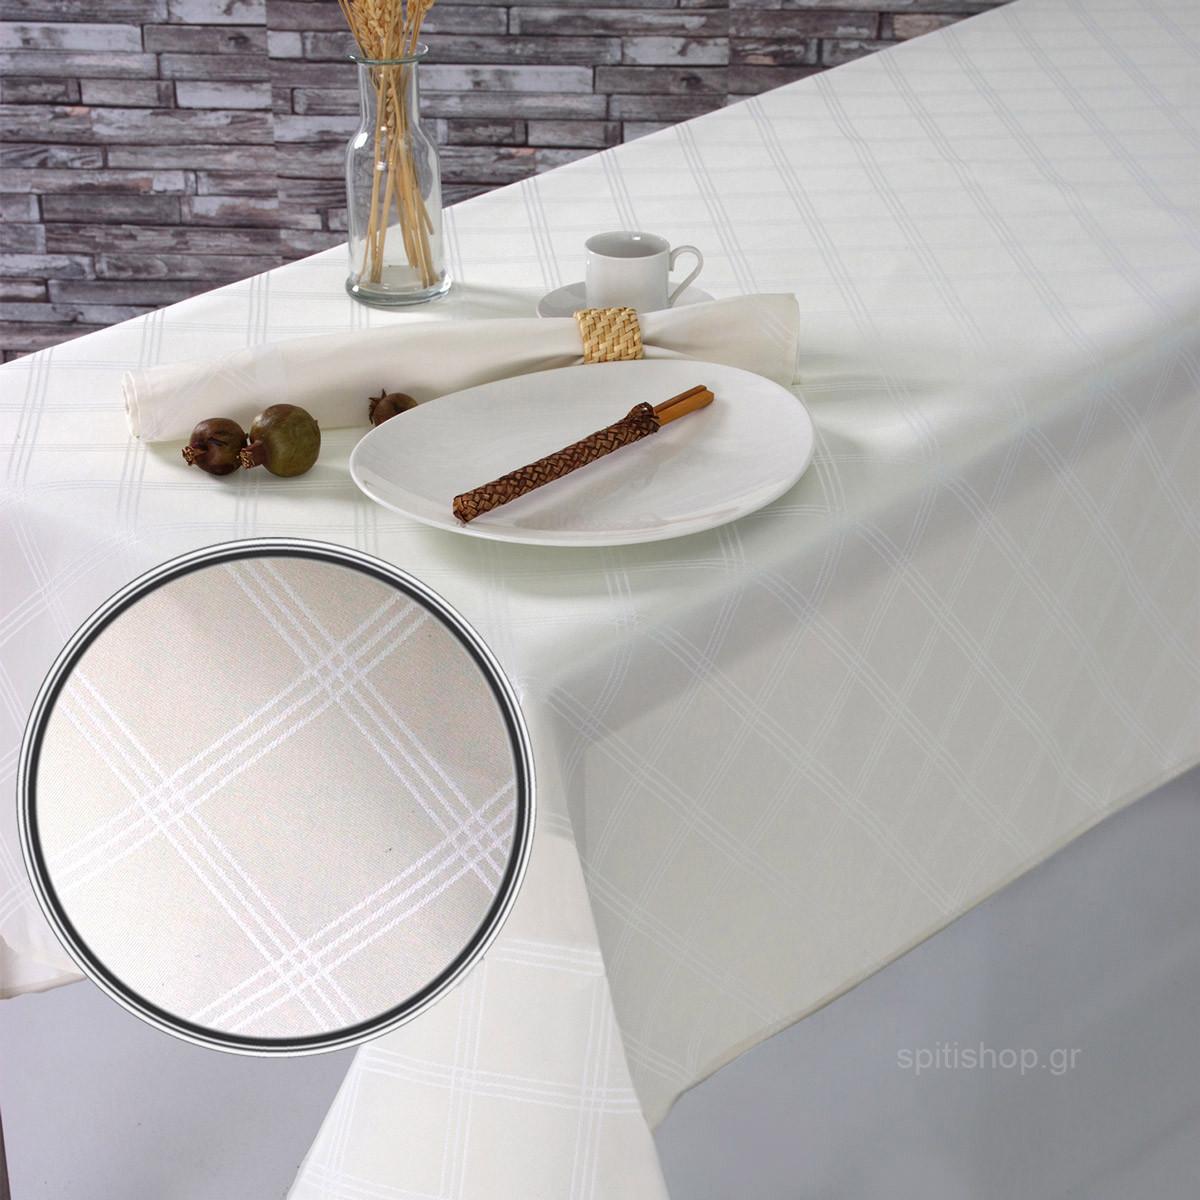 Πετσέτες Φαγητού (Σετ 2τμχ) Sb Home Dine Cream